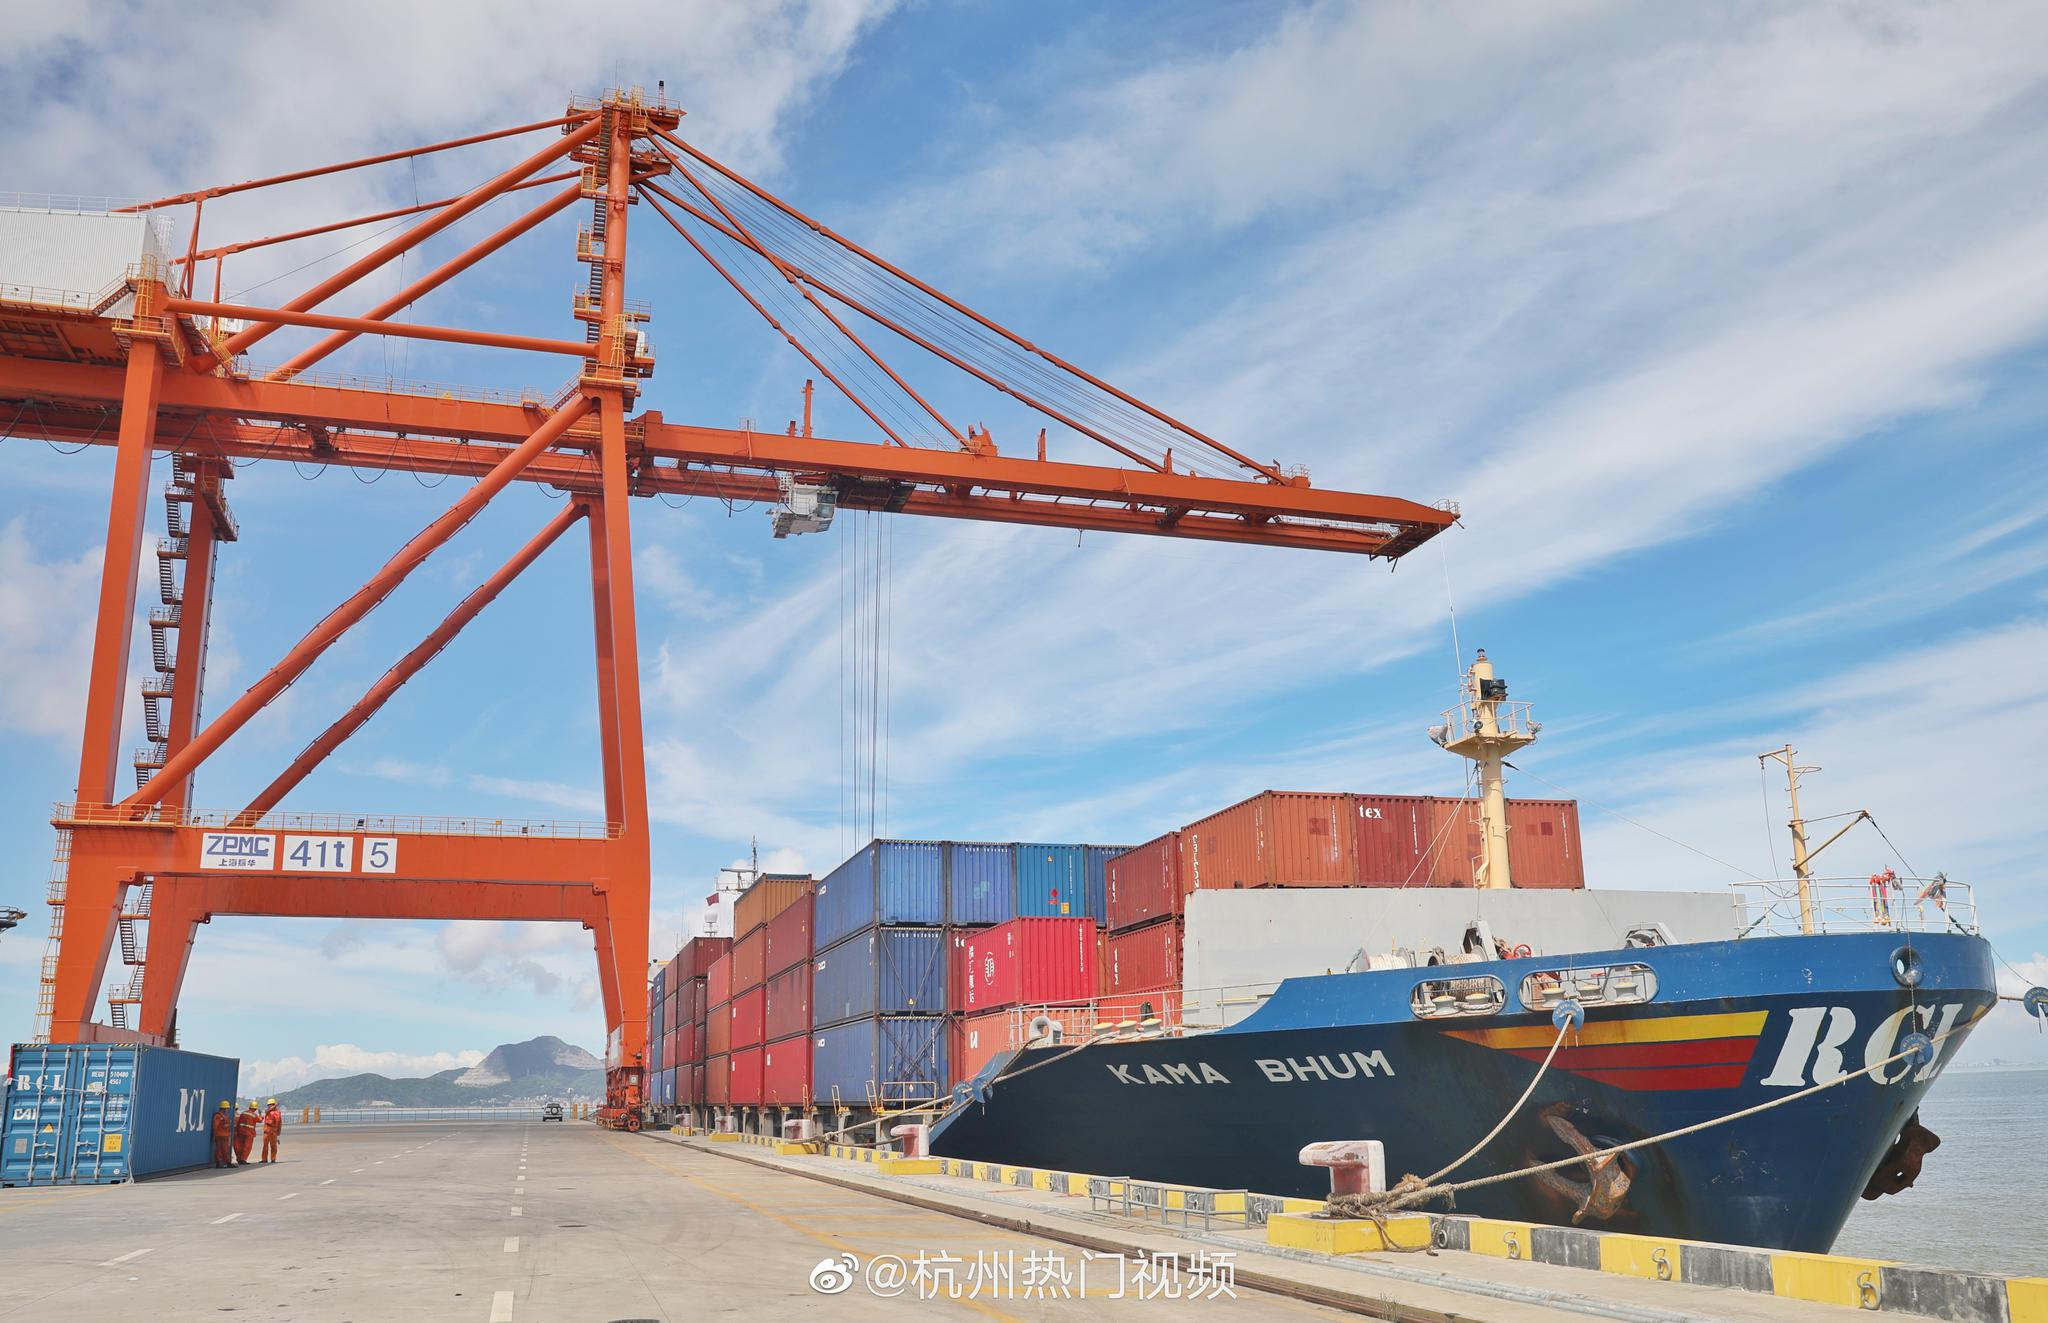 温州国际邮轮港是全国沿海25个主要港口之一和国家重要枢纽港